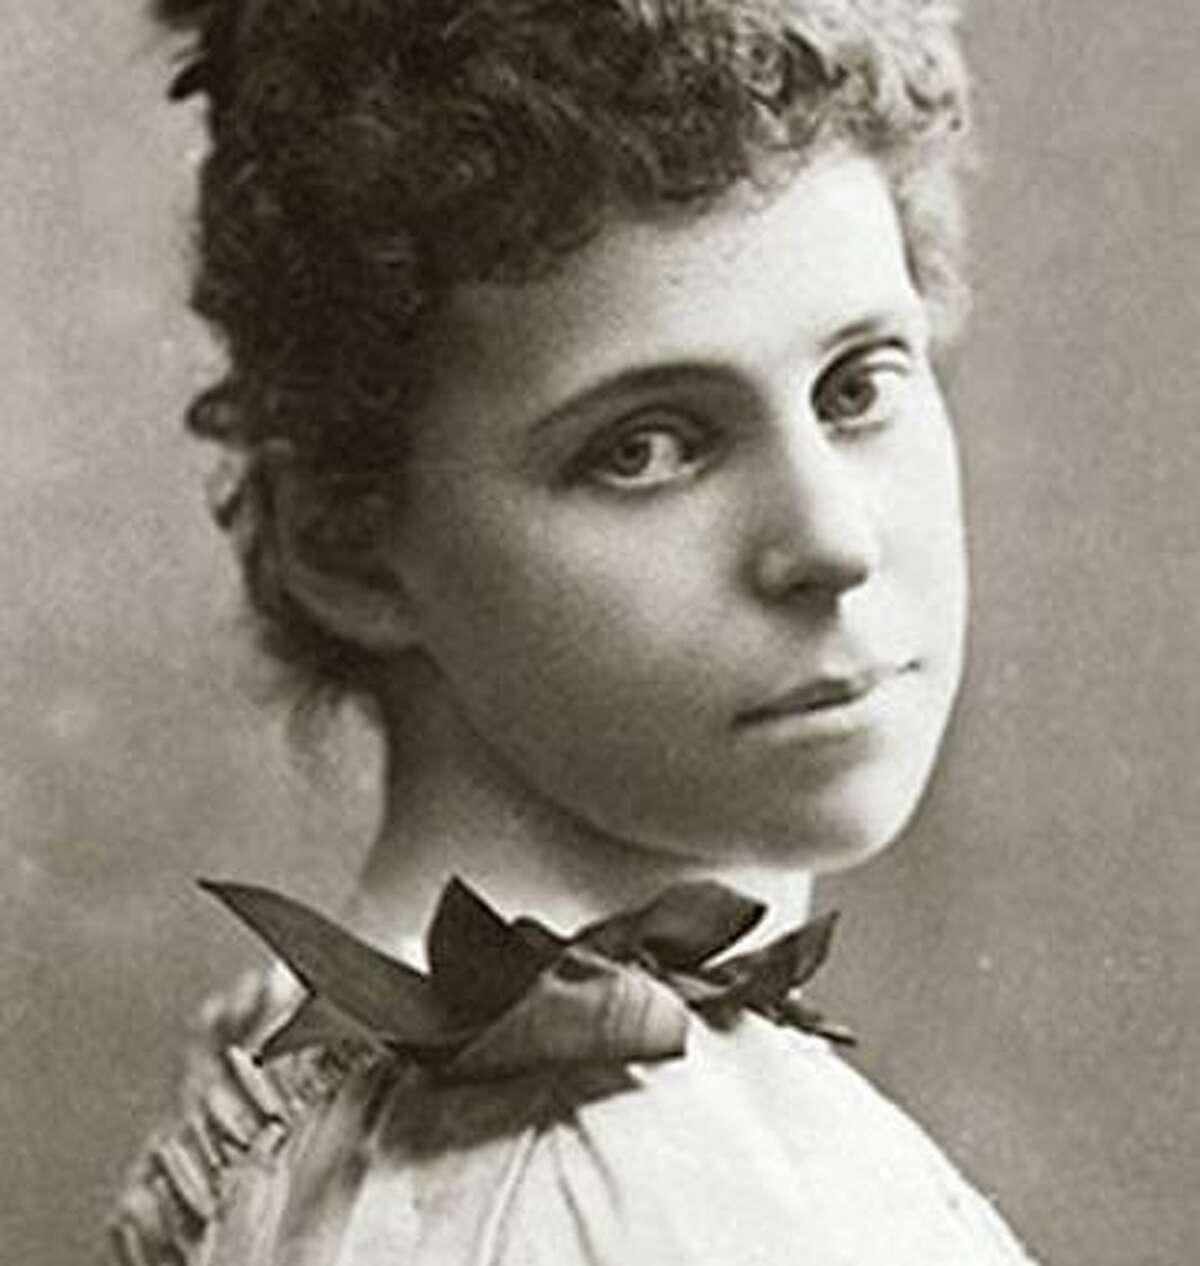 Florence Maybrick